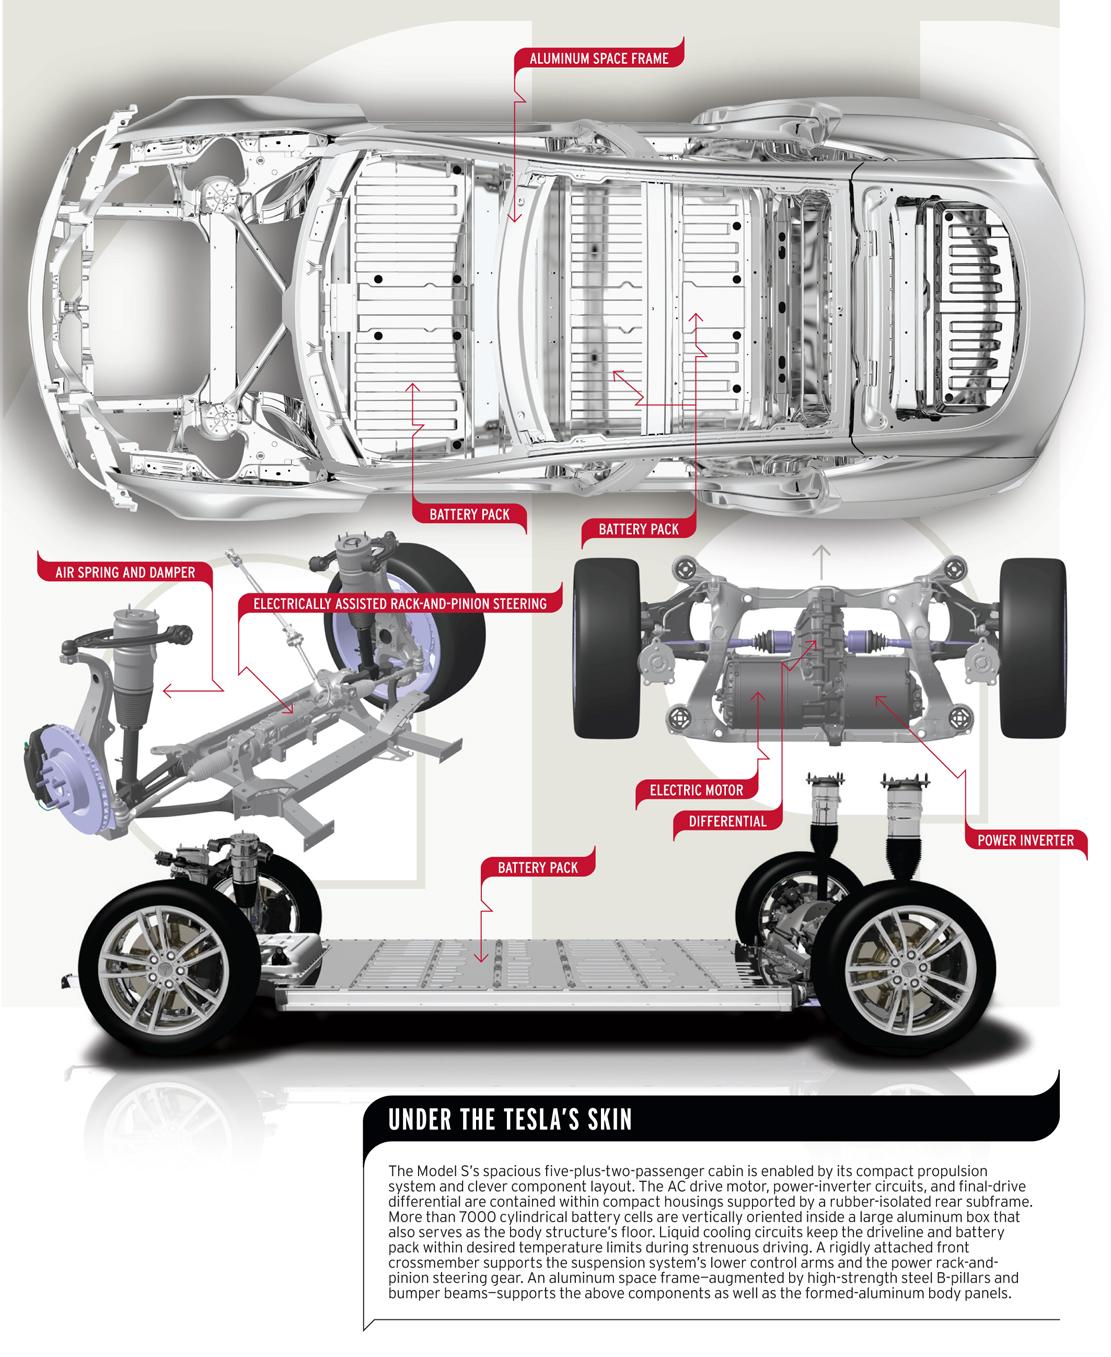 растения, стоящие описание двигателя для автомобиля тесла модель х мире